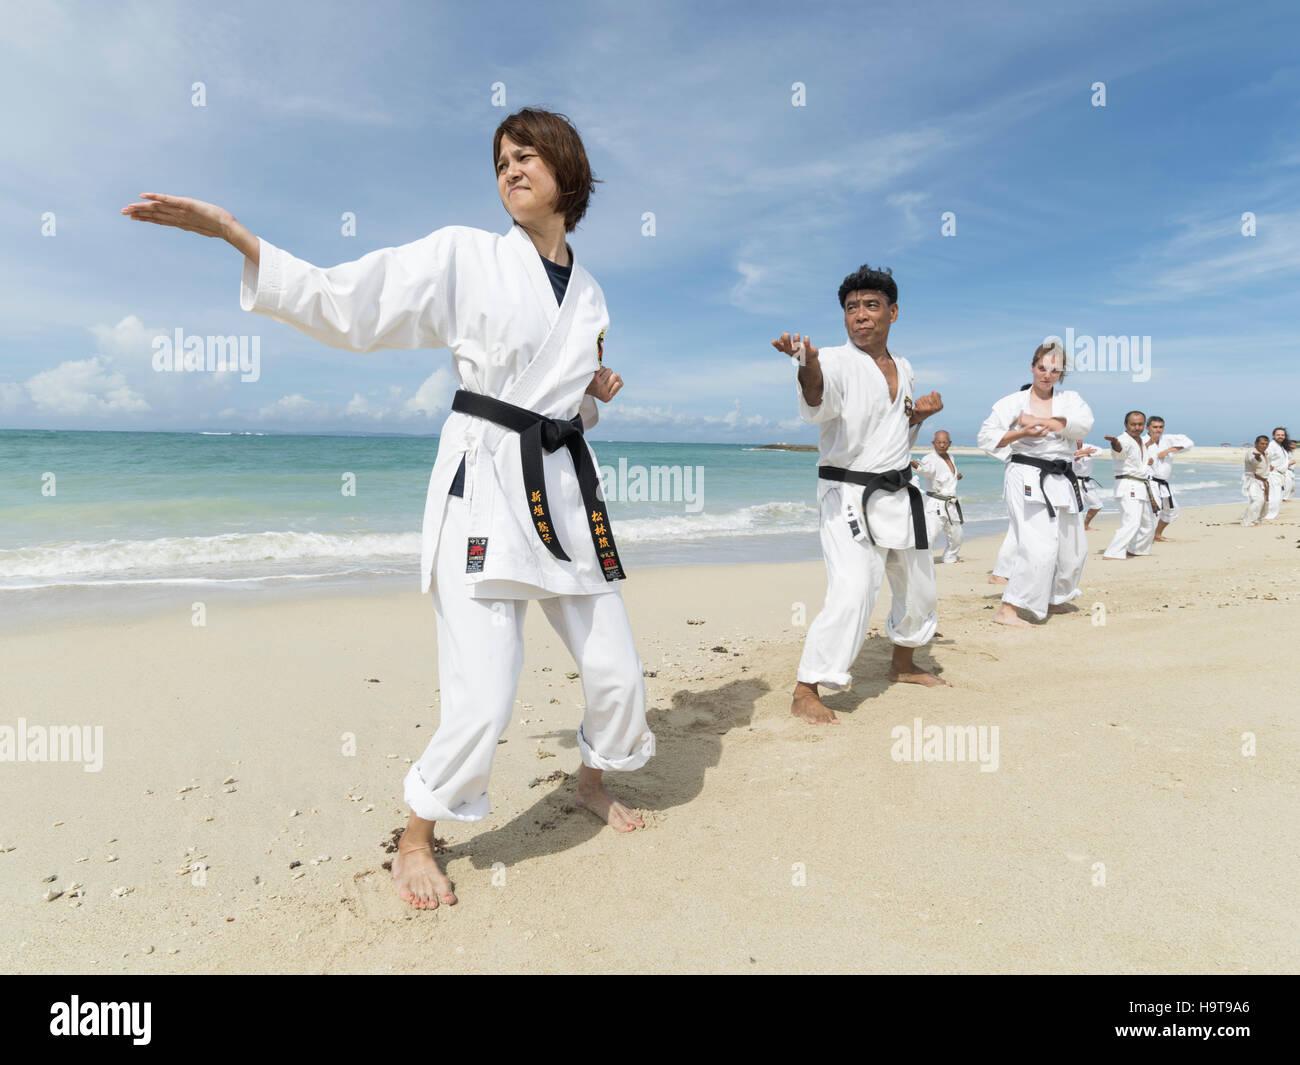 Nett Taekwondo Zertifikat Rahmen Galerie - Rahmen Ideen ...